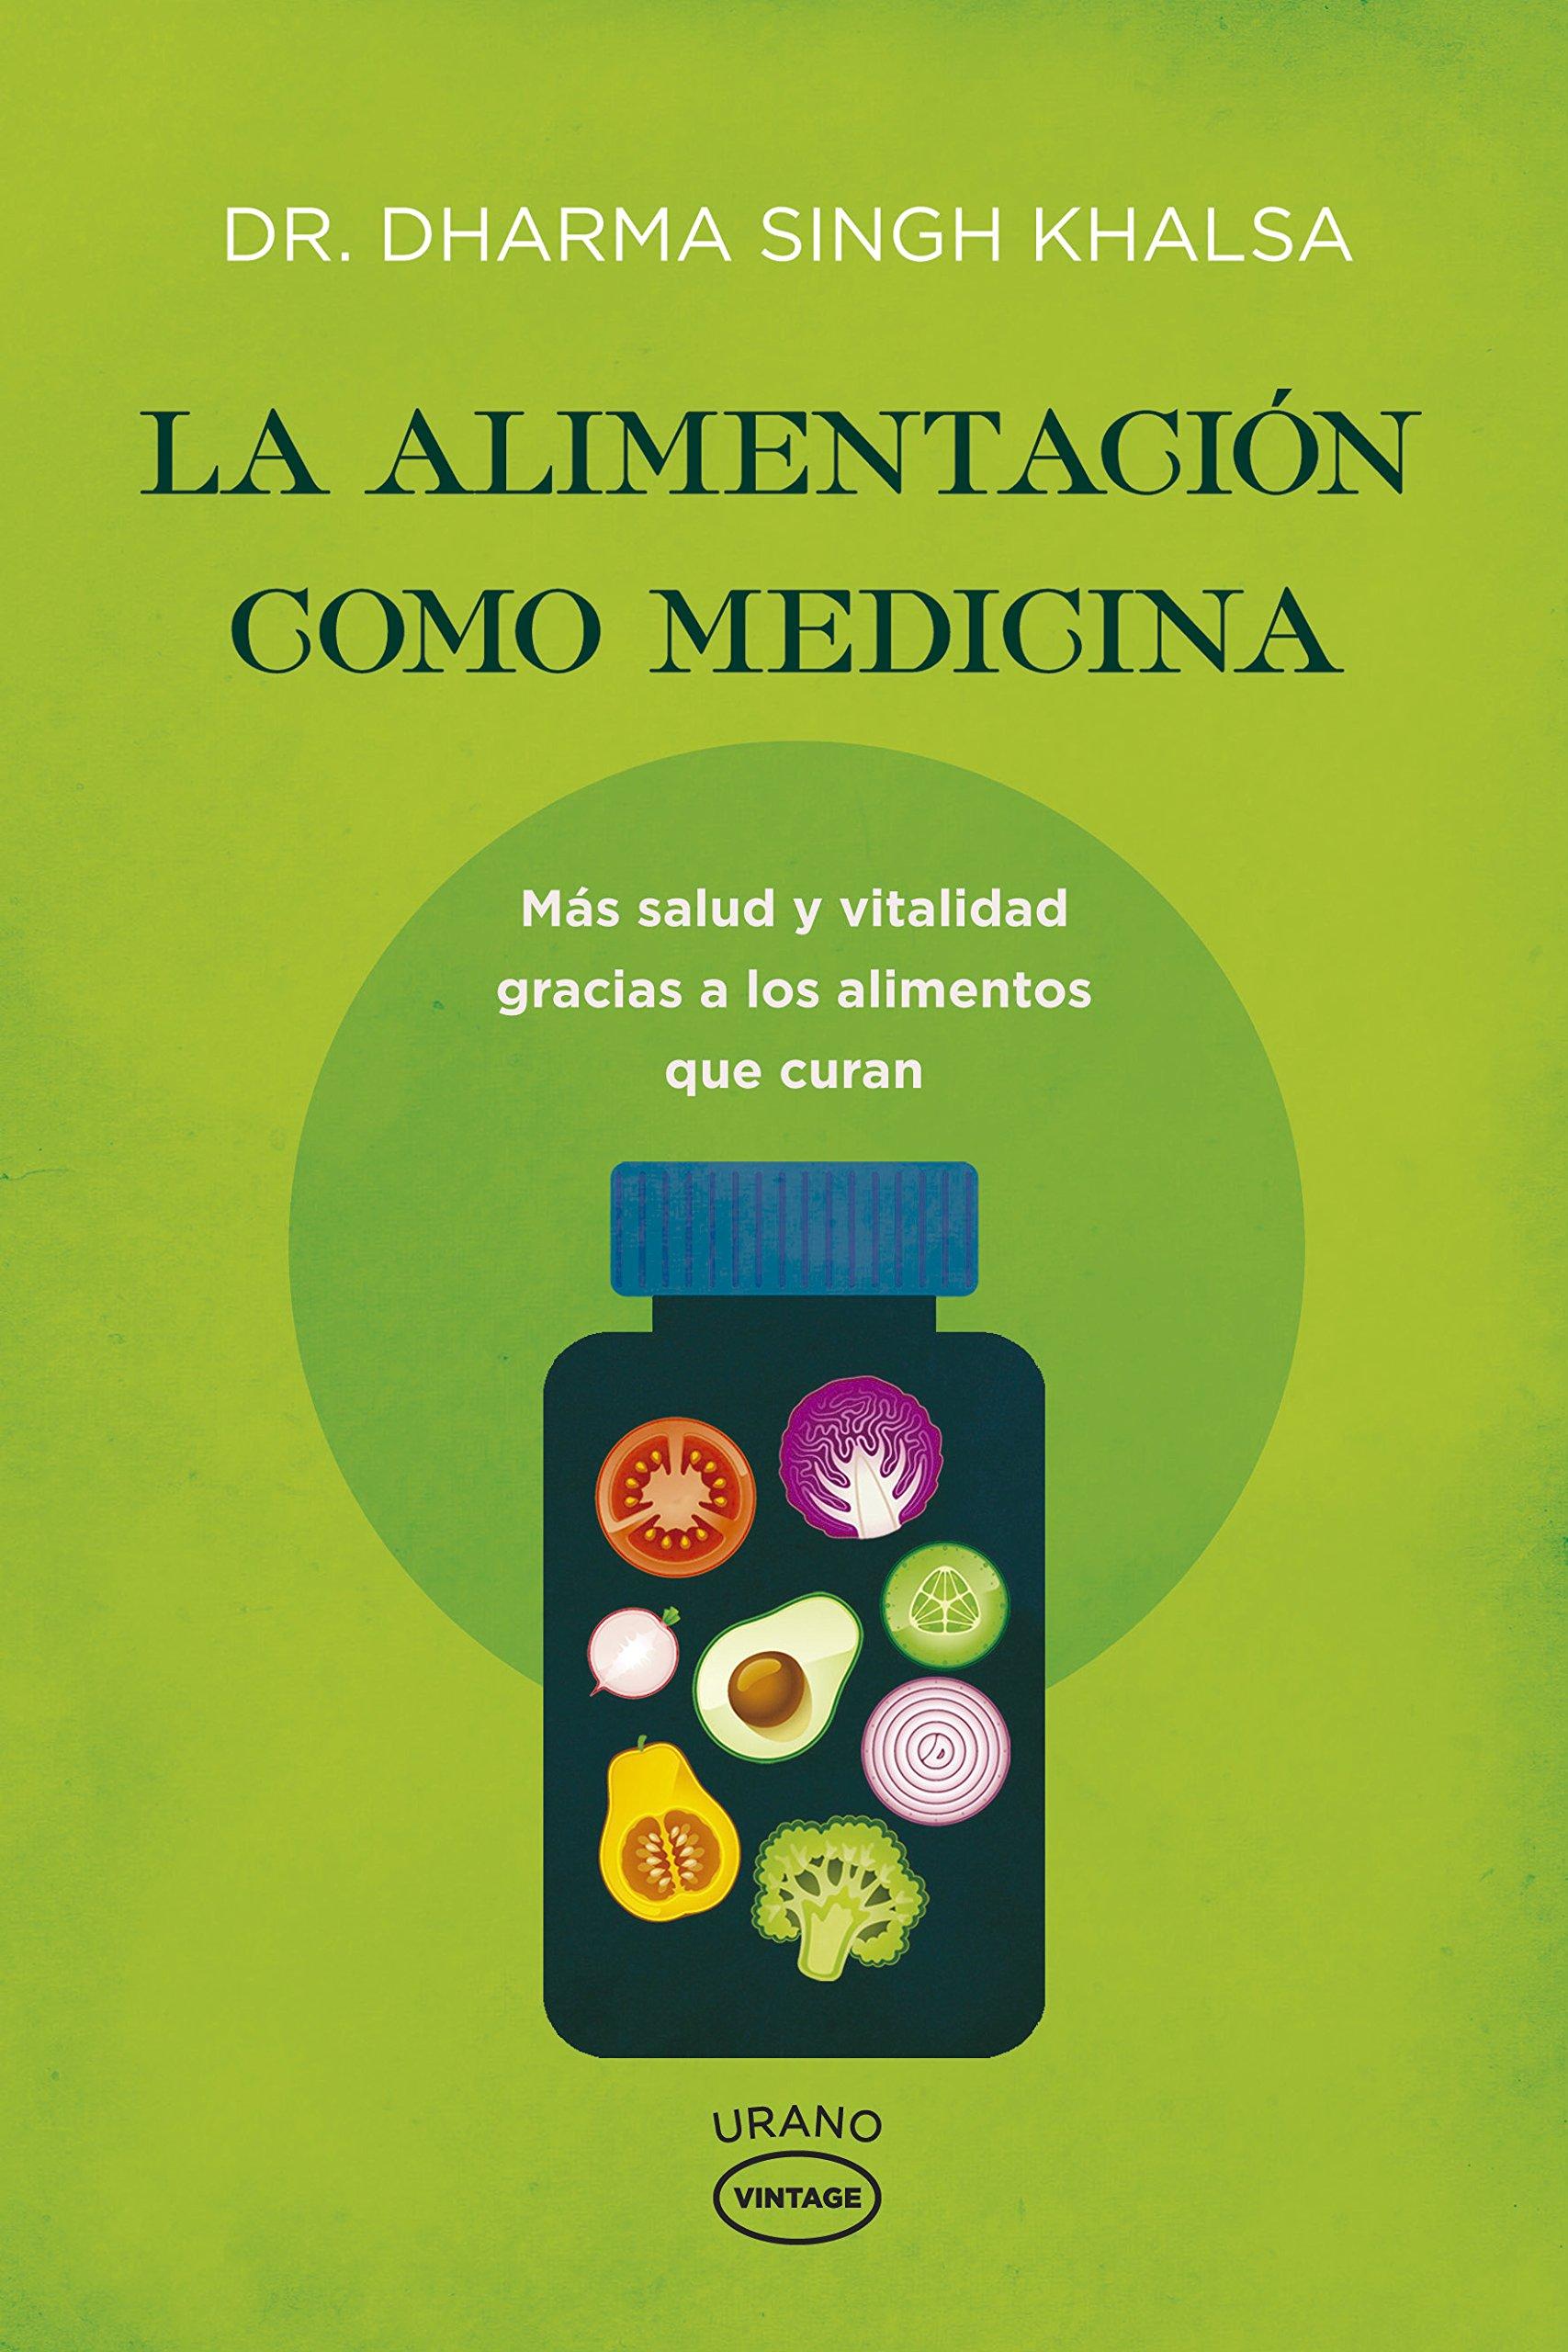 La alimentación como medicina - Vintage: Más salud y ...